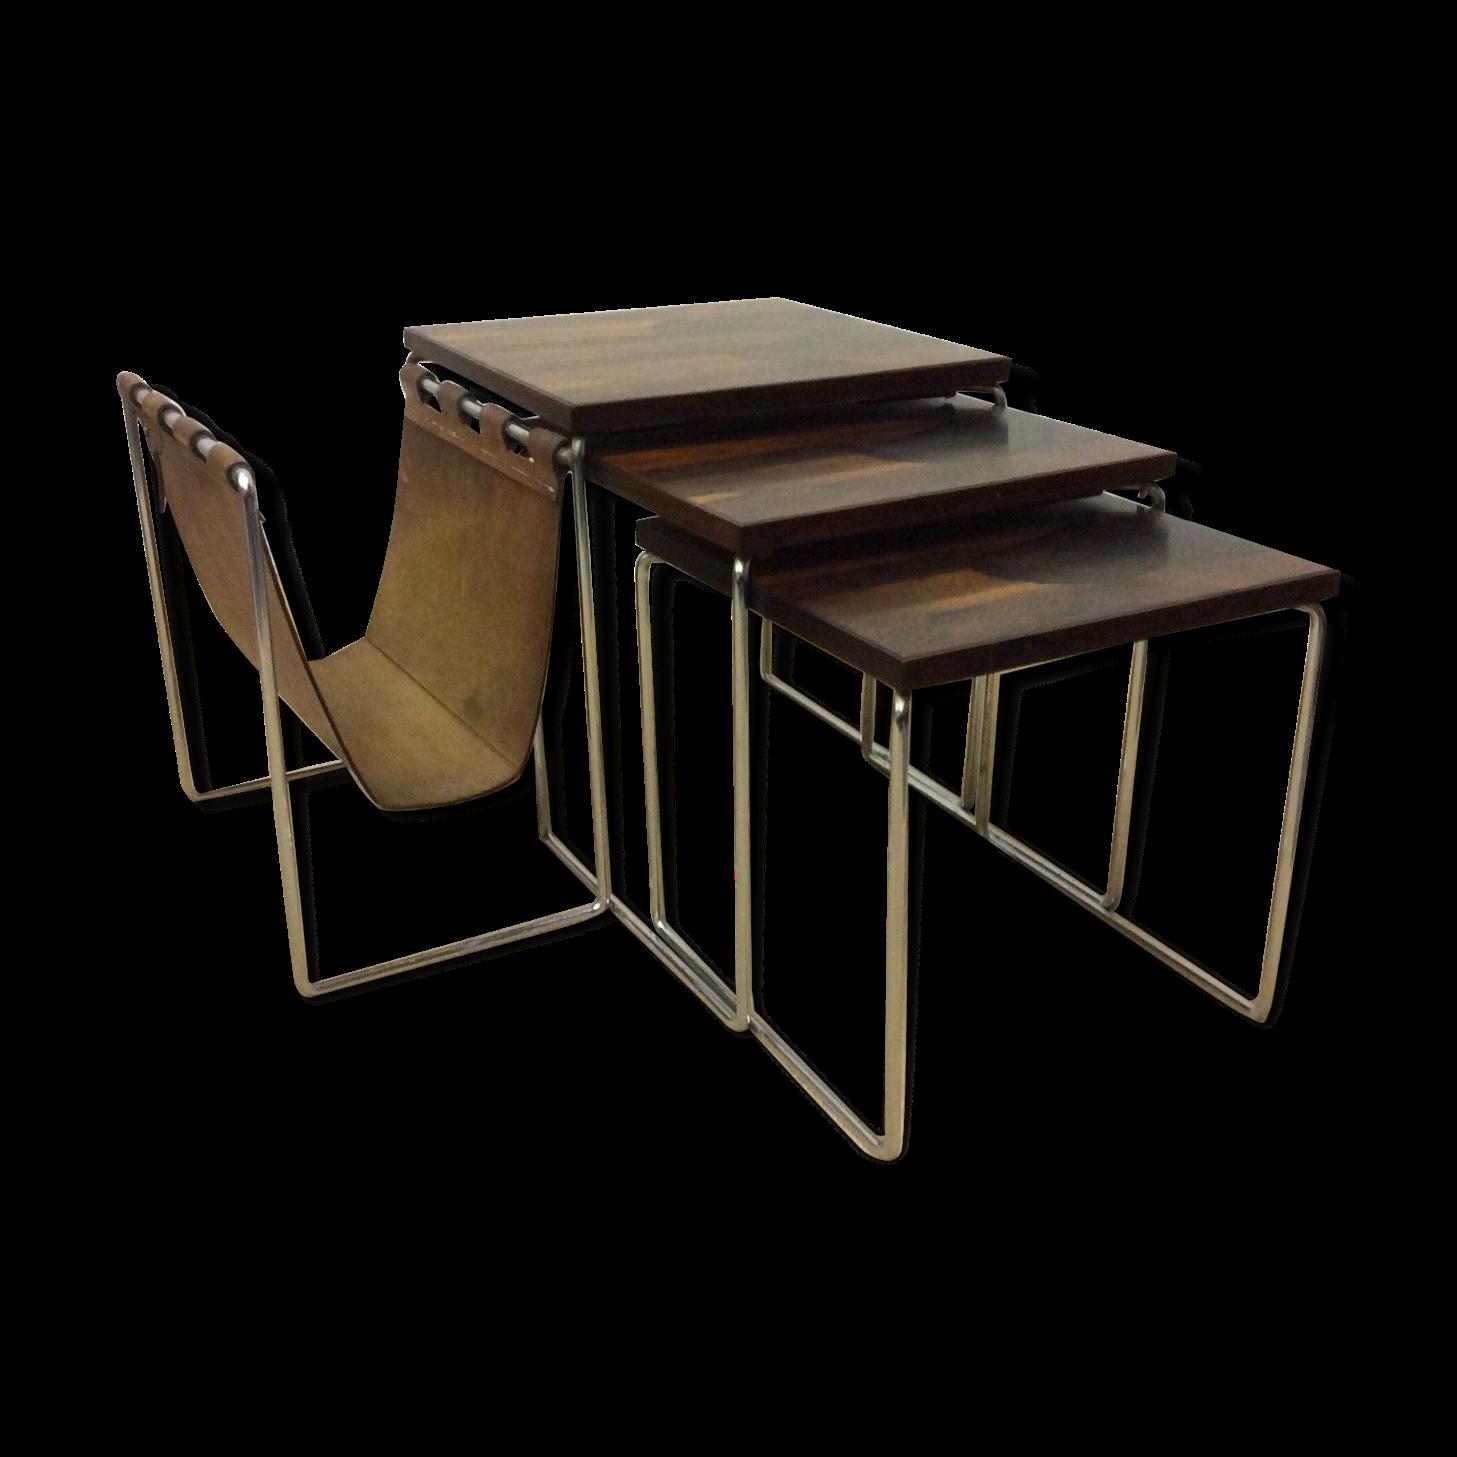 table basse gigogne vintage bols de service gigognes. Black Bedroom Furniture Sets. Home Design Ideas